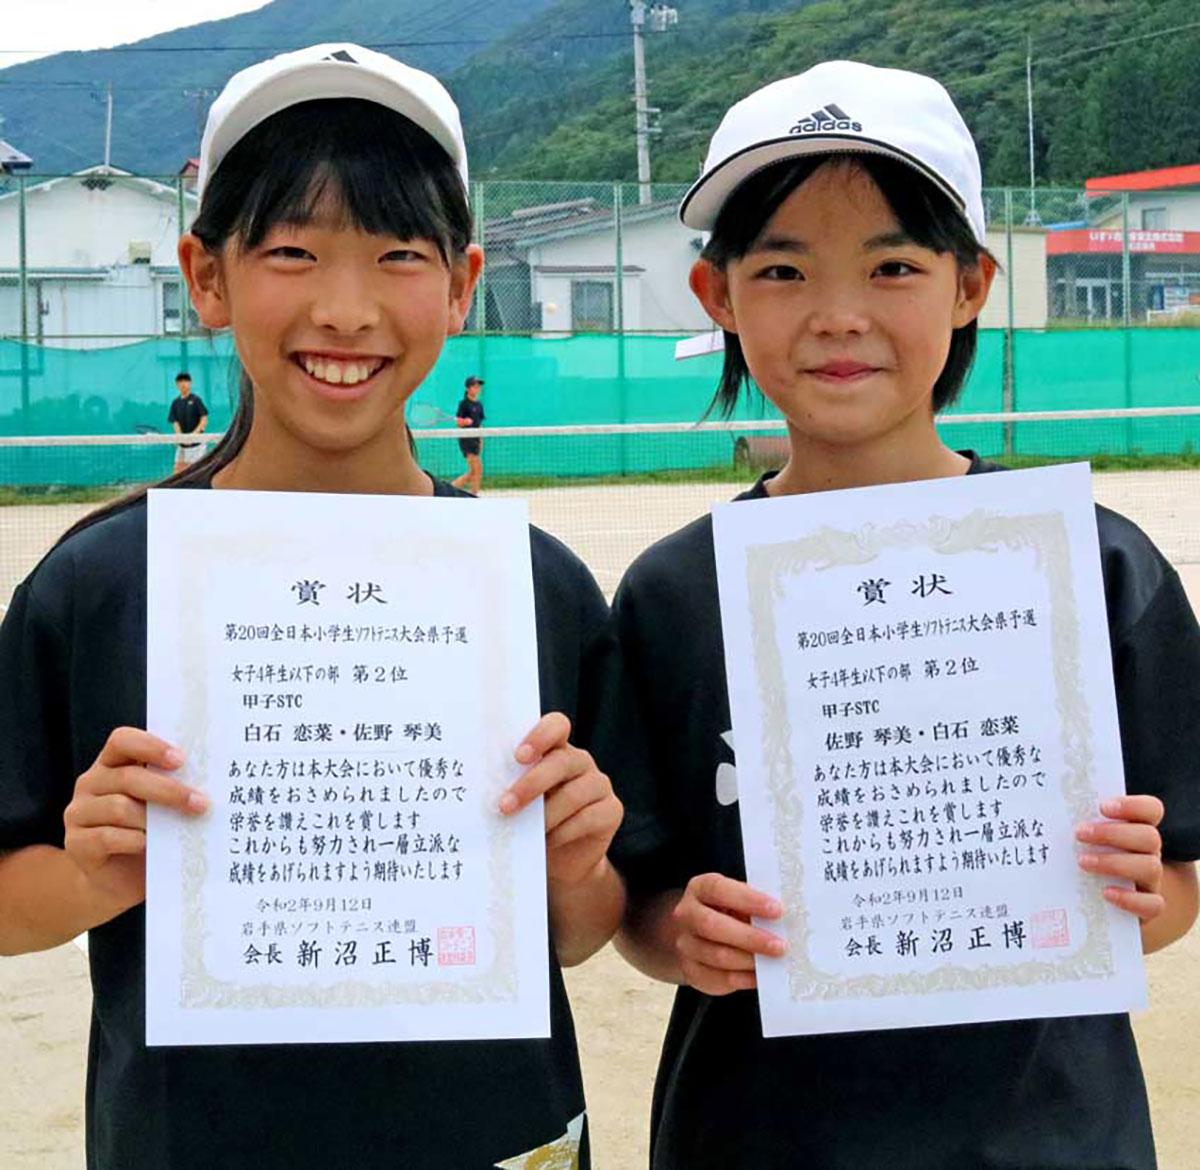 全国大会出場を決め、笑顔を輝かせる白石恋菜さん(左)と佐野琴美さん